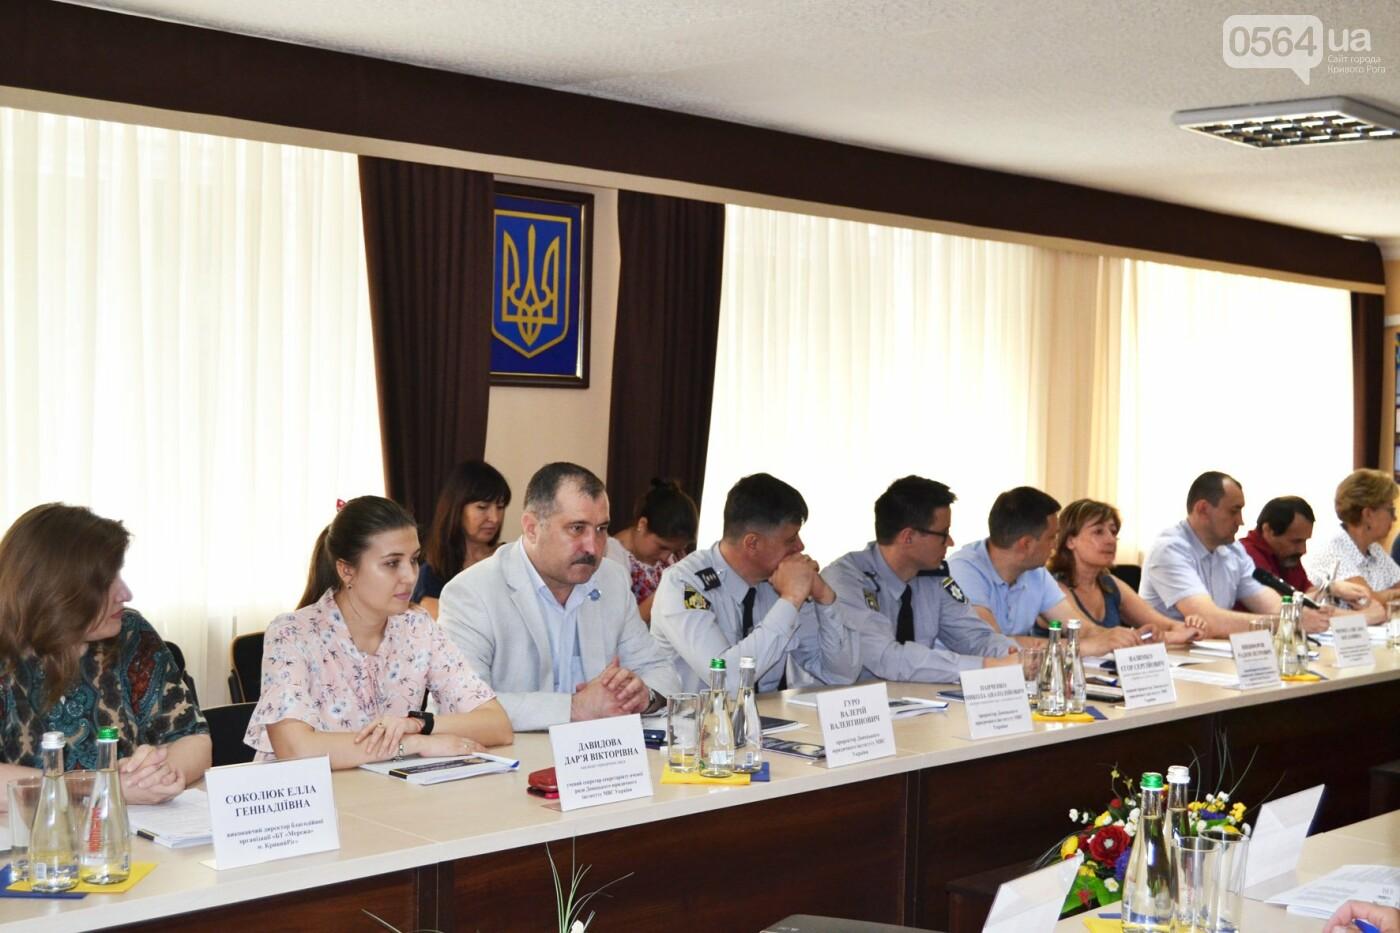 В Донецком юридическом институте состоялось выездное заседание Совета ректоров перемещенных высших учебных заведений Донбасса и Крыма, фото-4